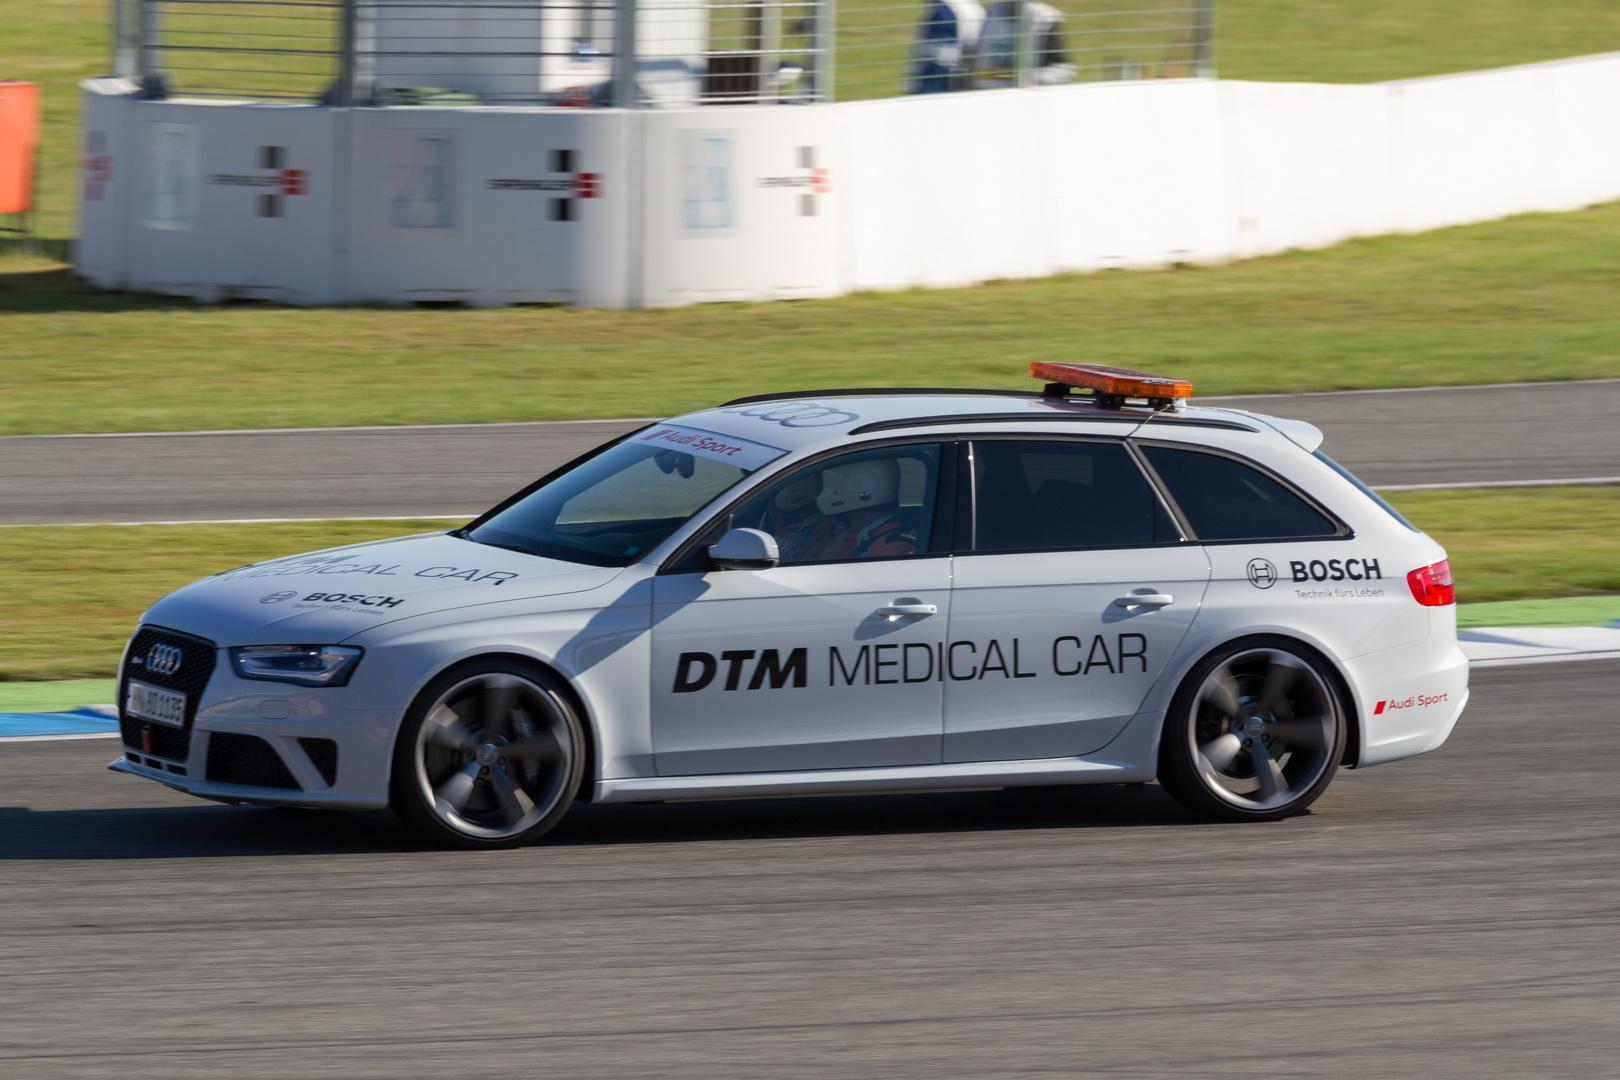 DTM Medical Car